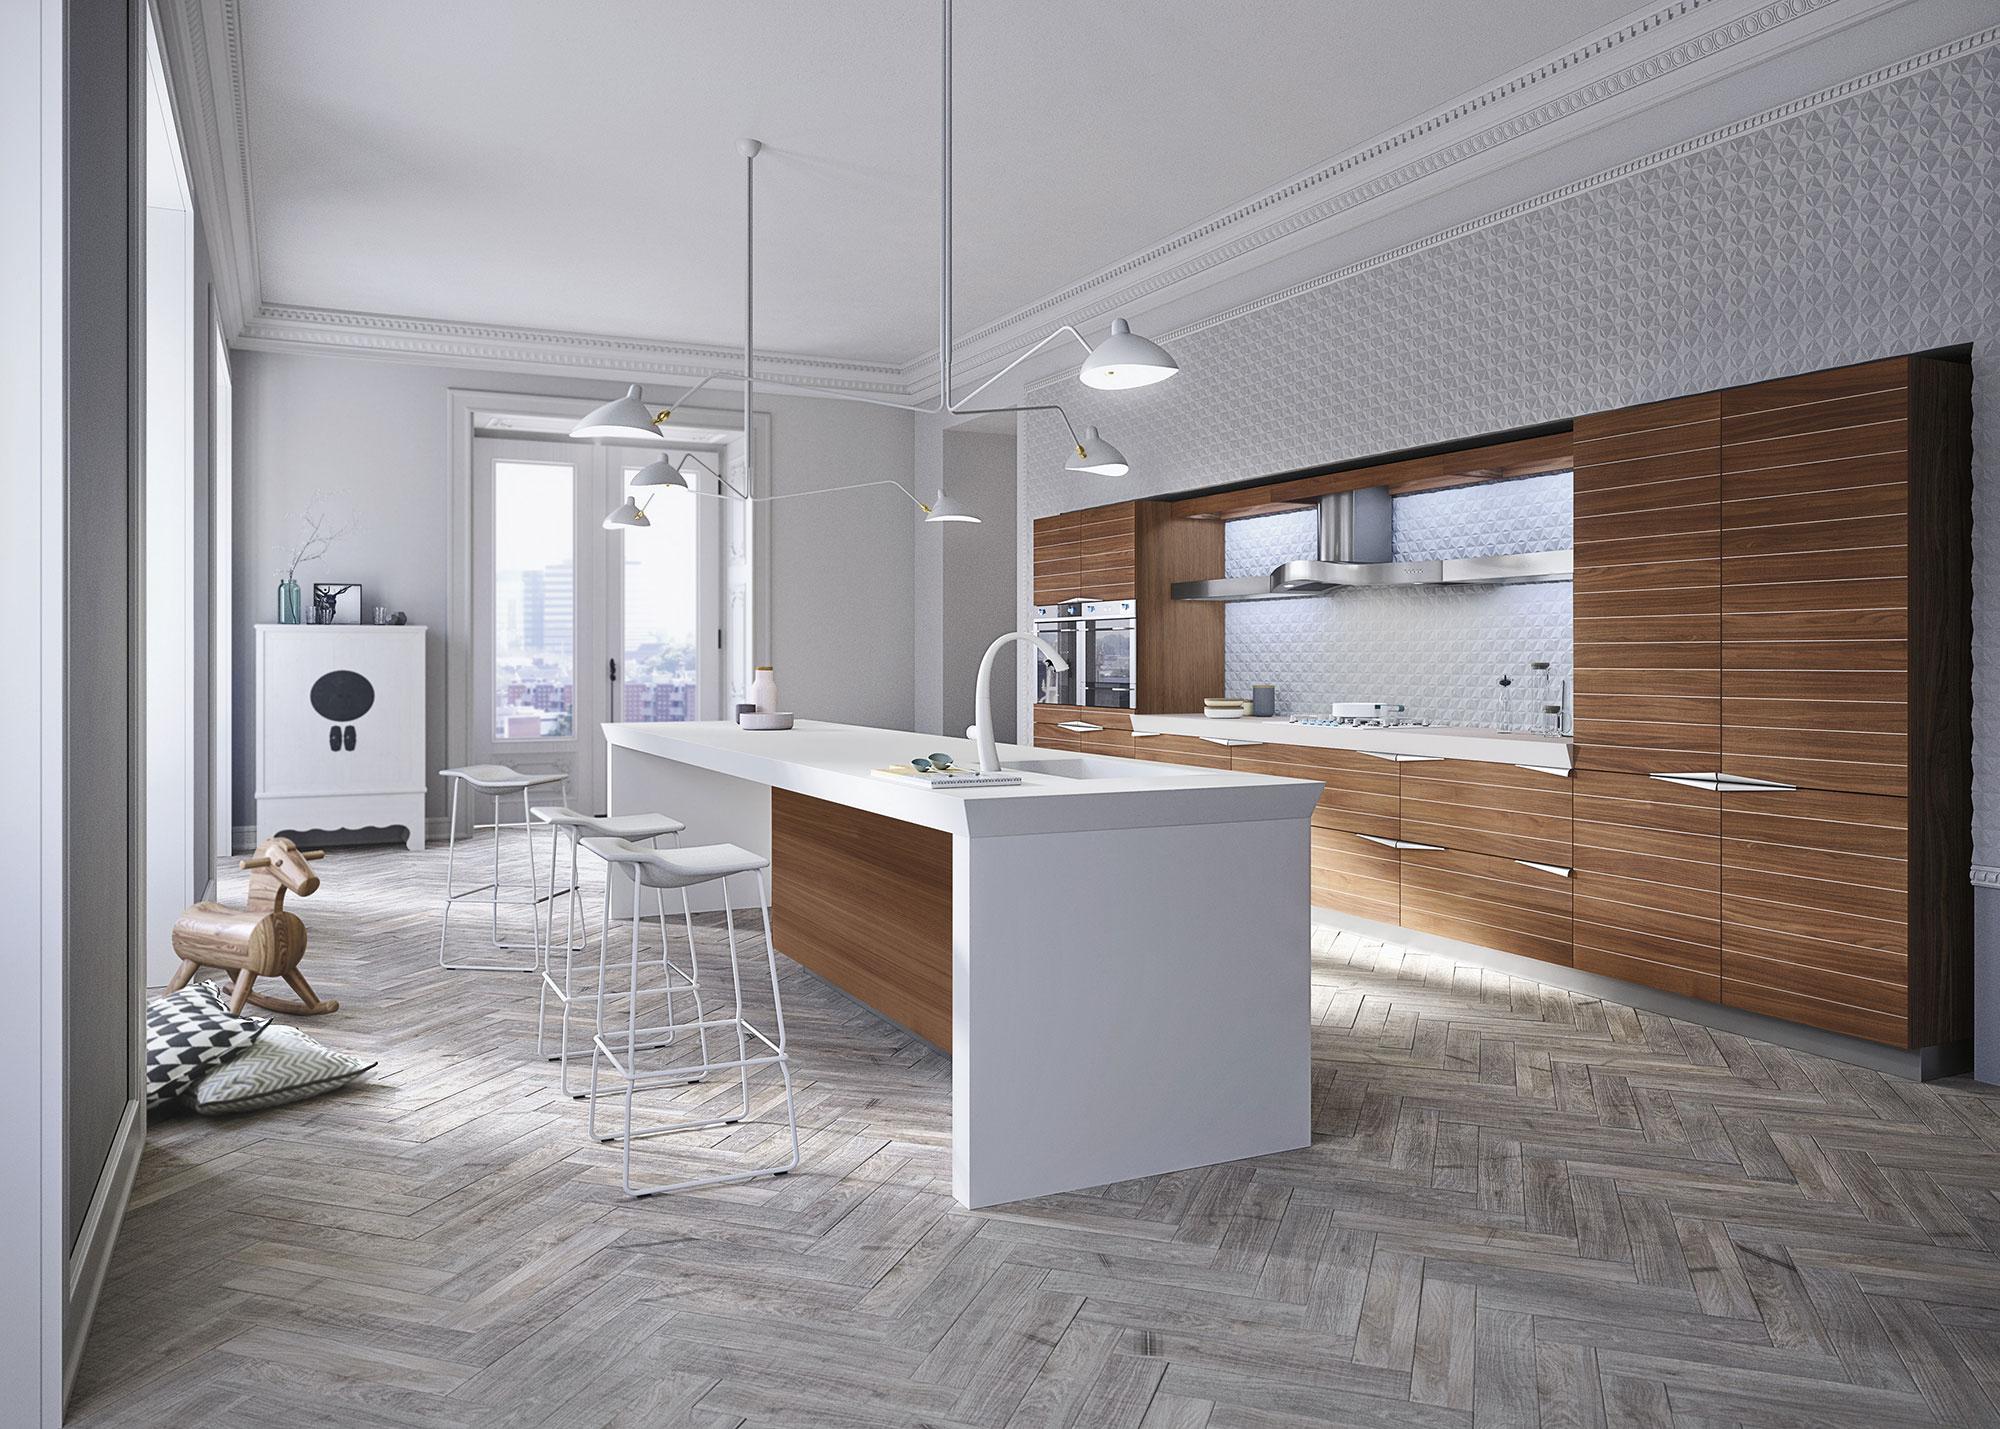 Современный дизайн кухонного гарнитура: необычные светильники над столом